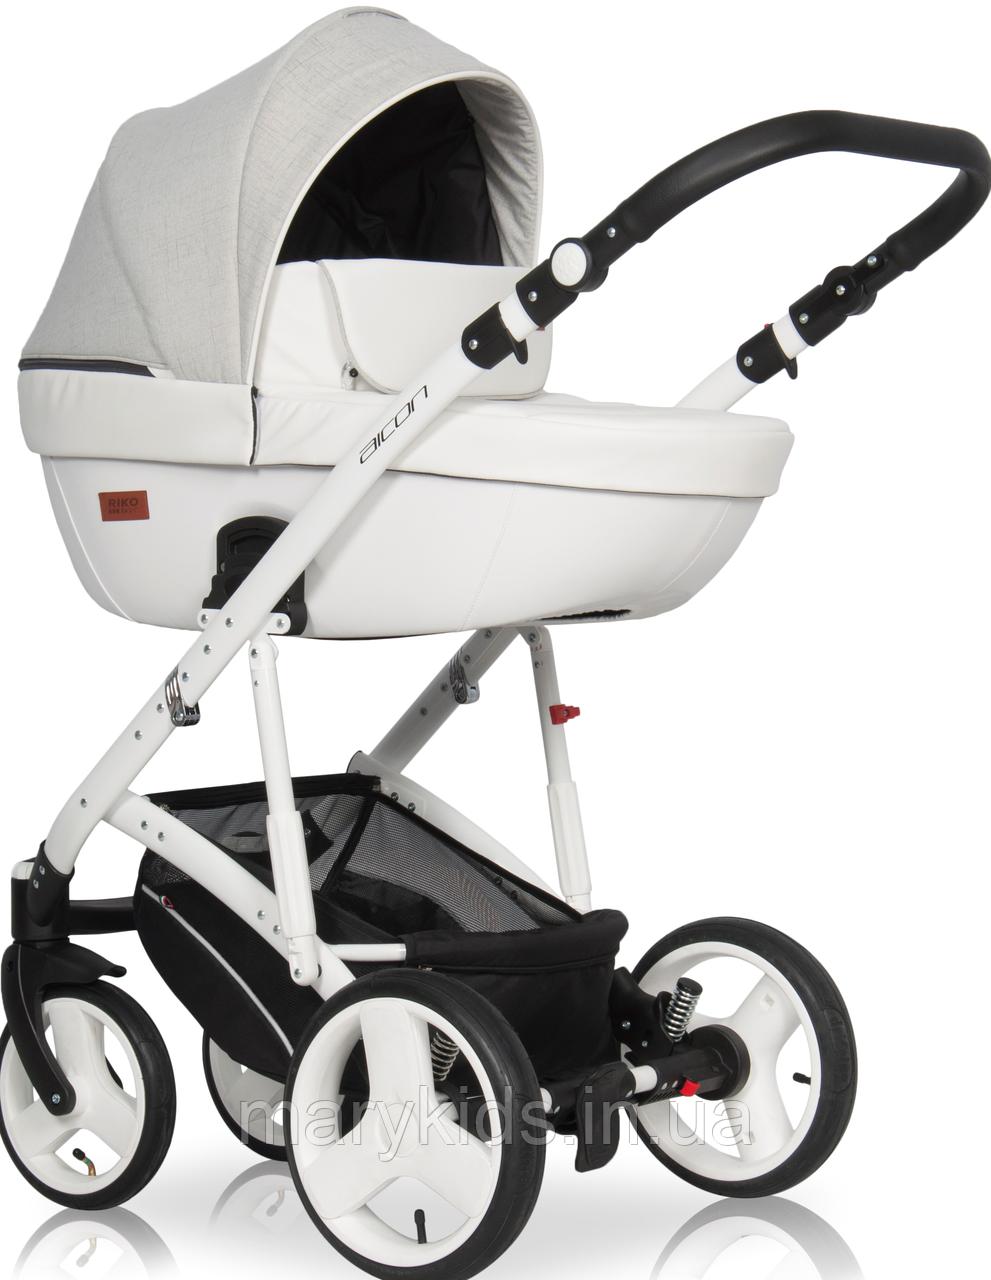 Детская универсальная коляска 3 в 1 Riko Aicon 01